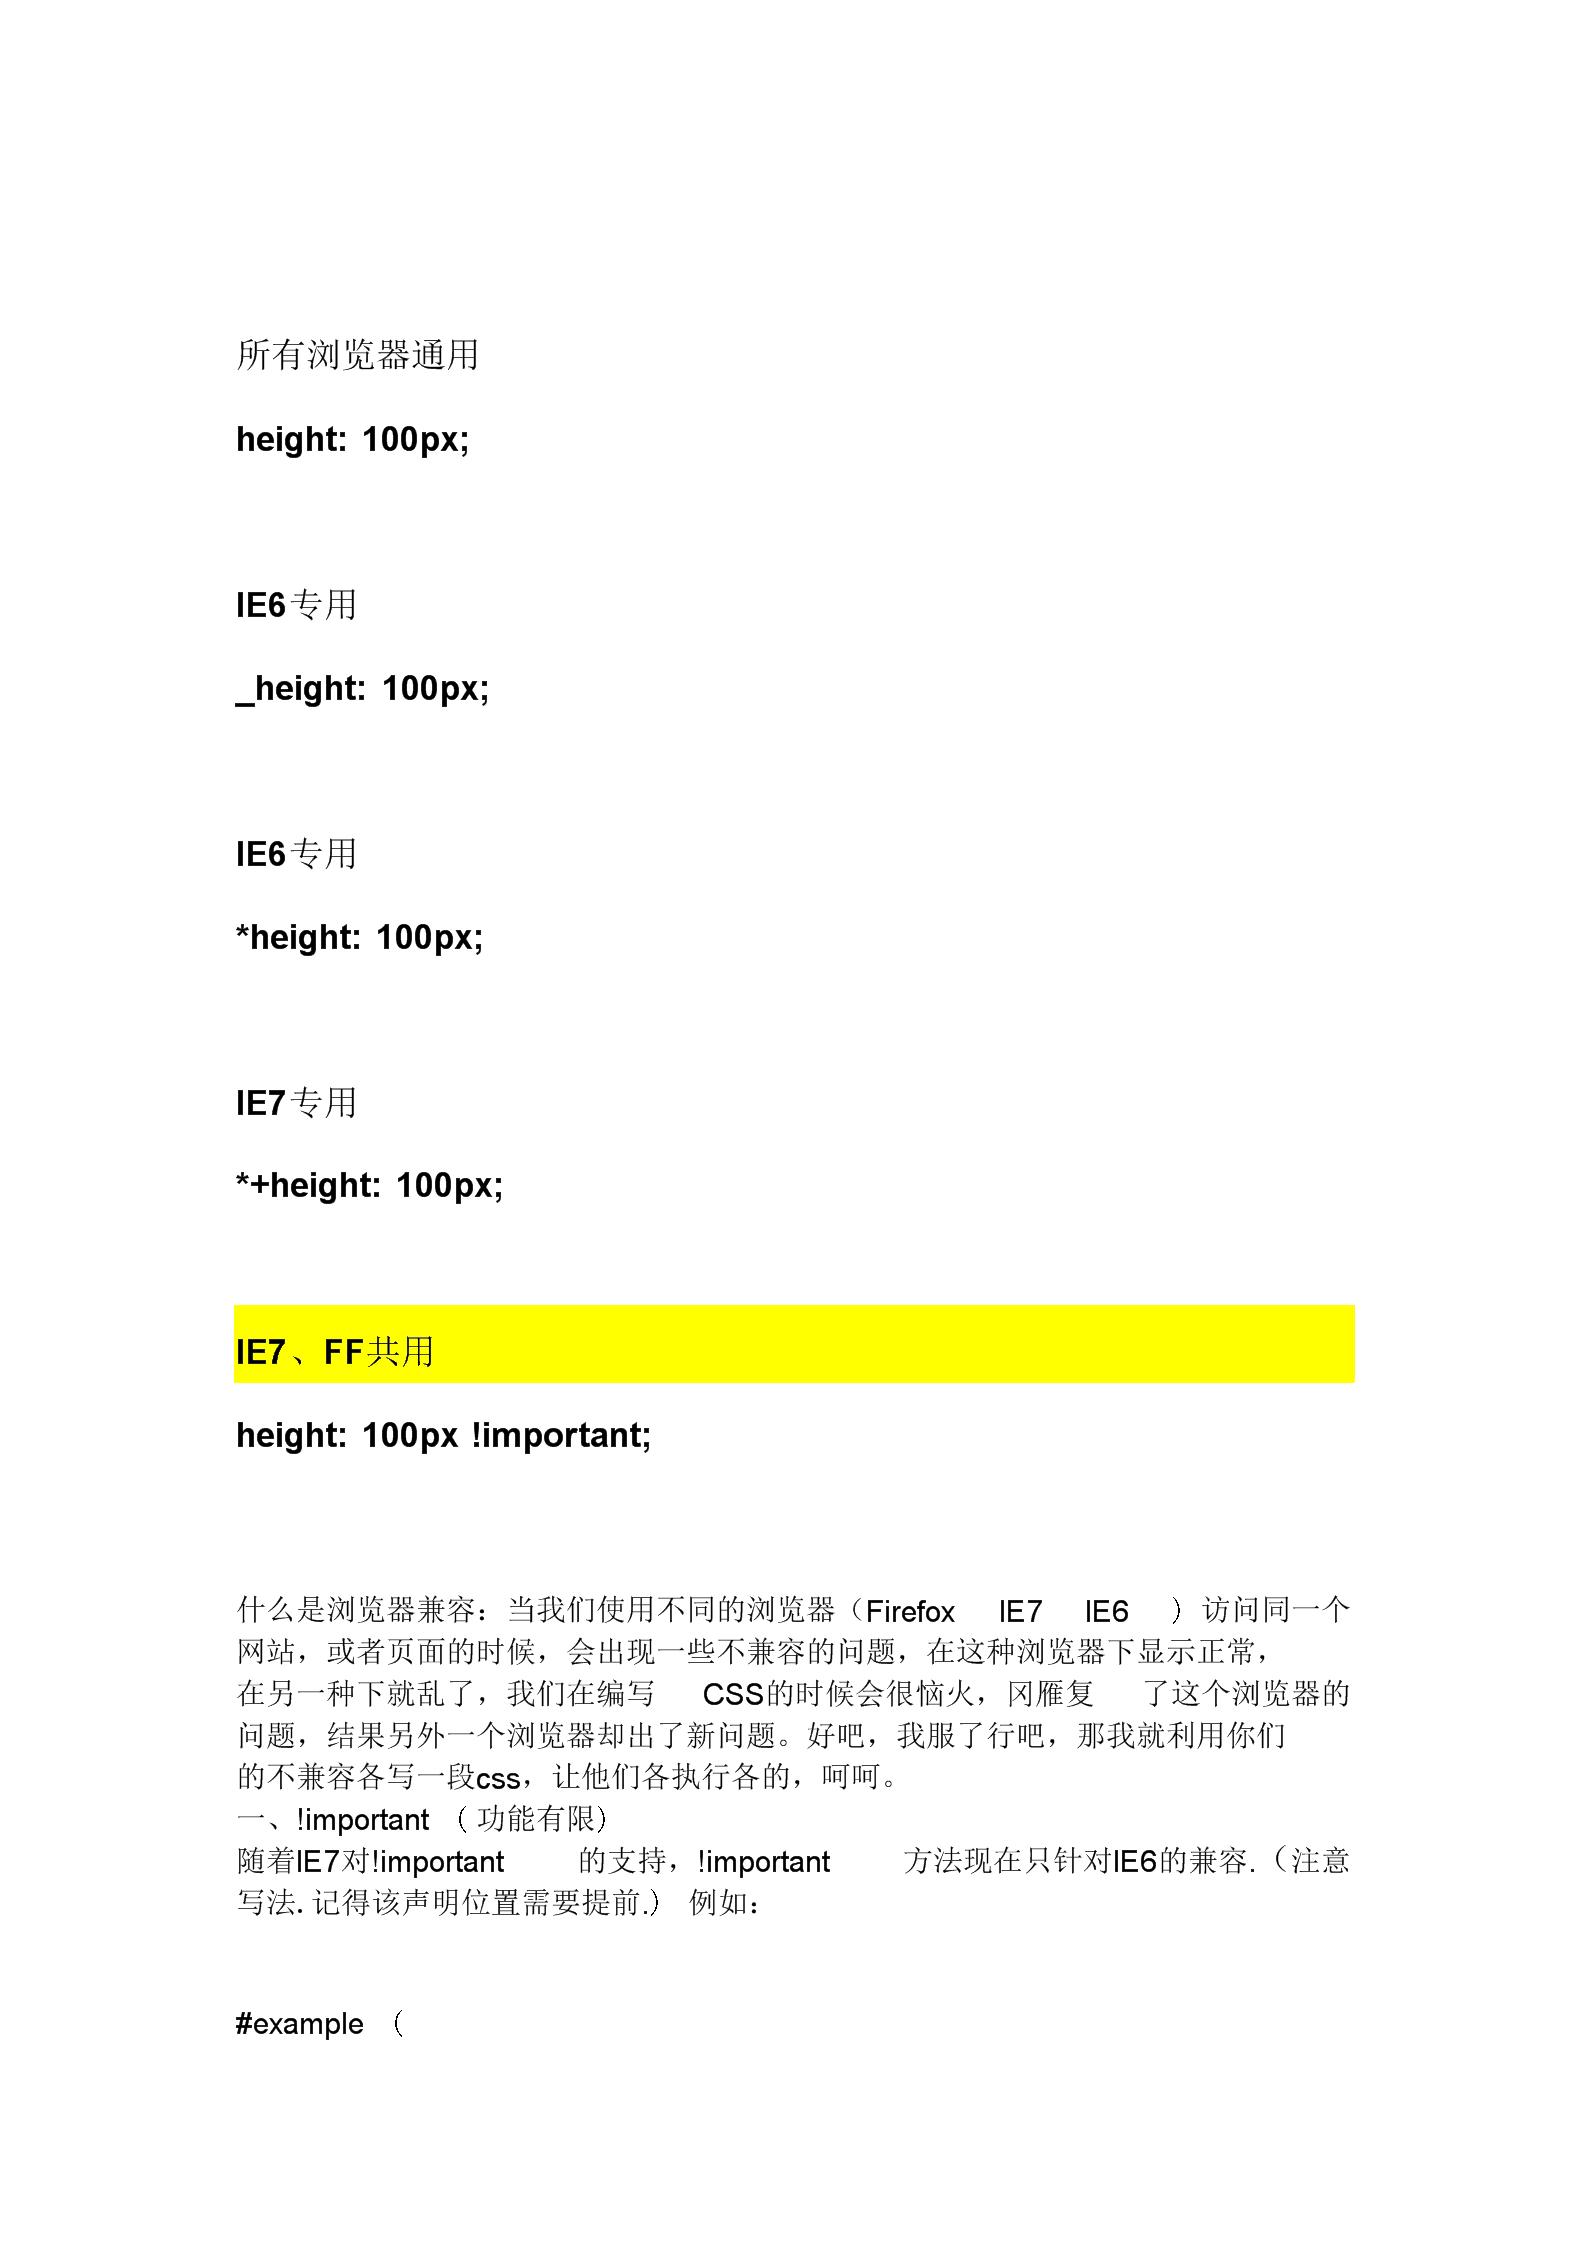 《浏览器兼容性解决方案》.docx